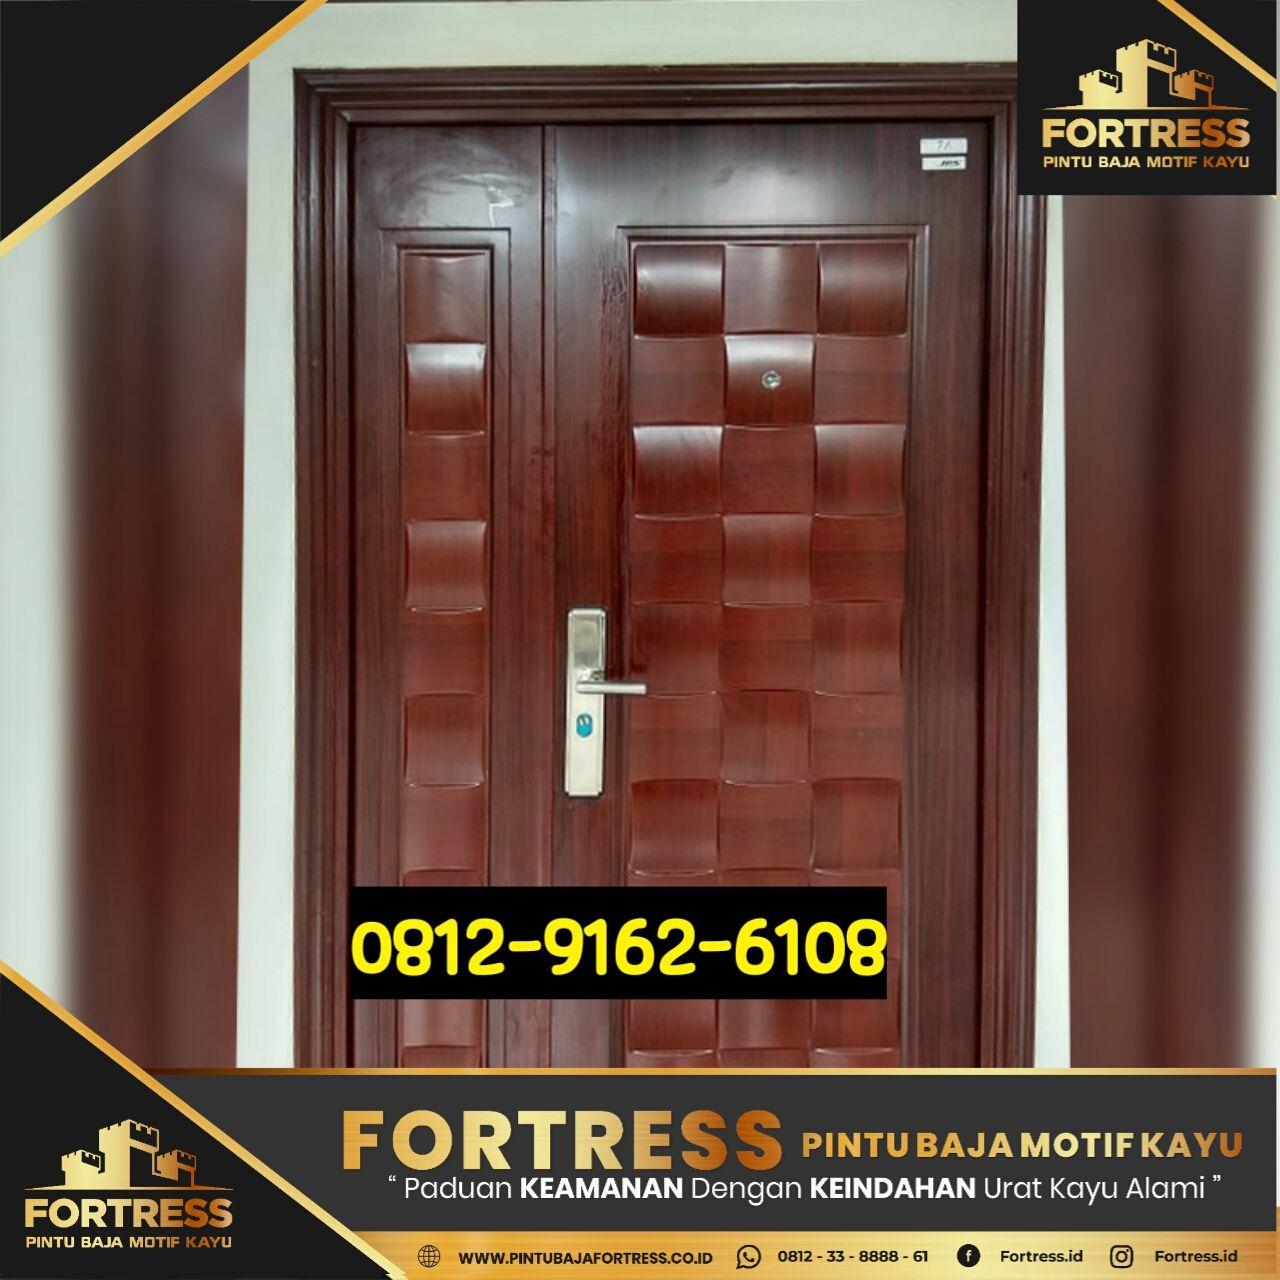 0812-9162-6105 (FOTRESS), the benefits of steel doors, excess d …